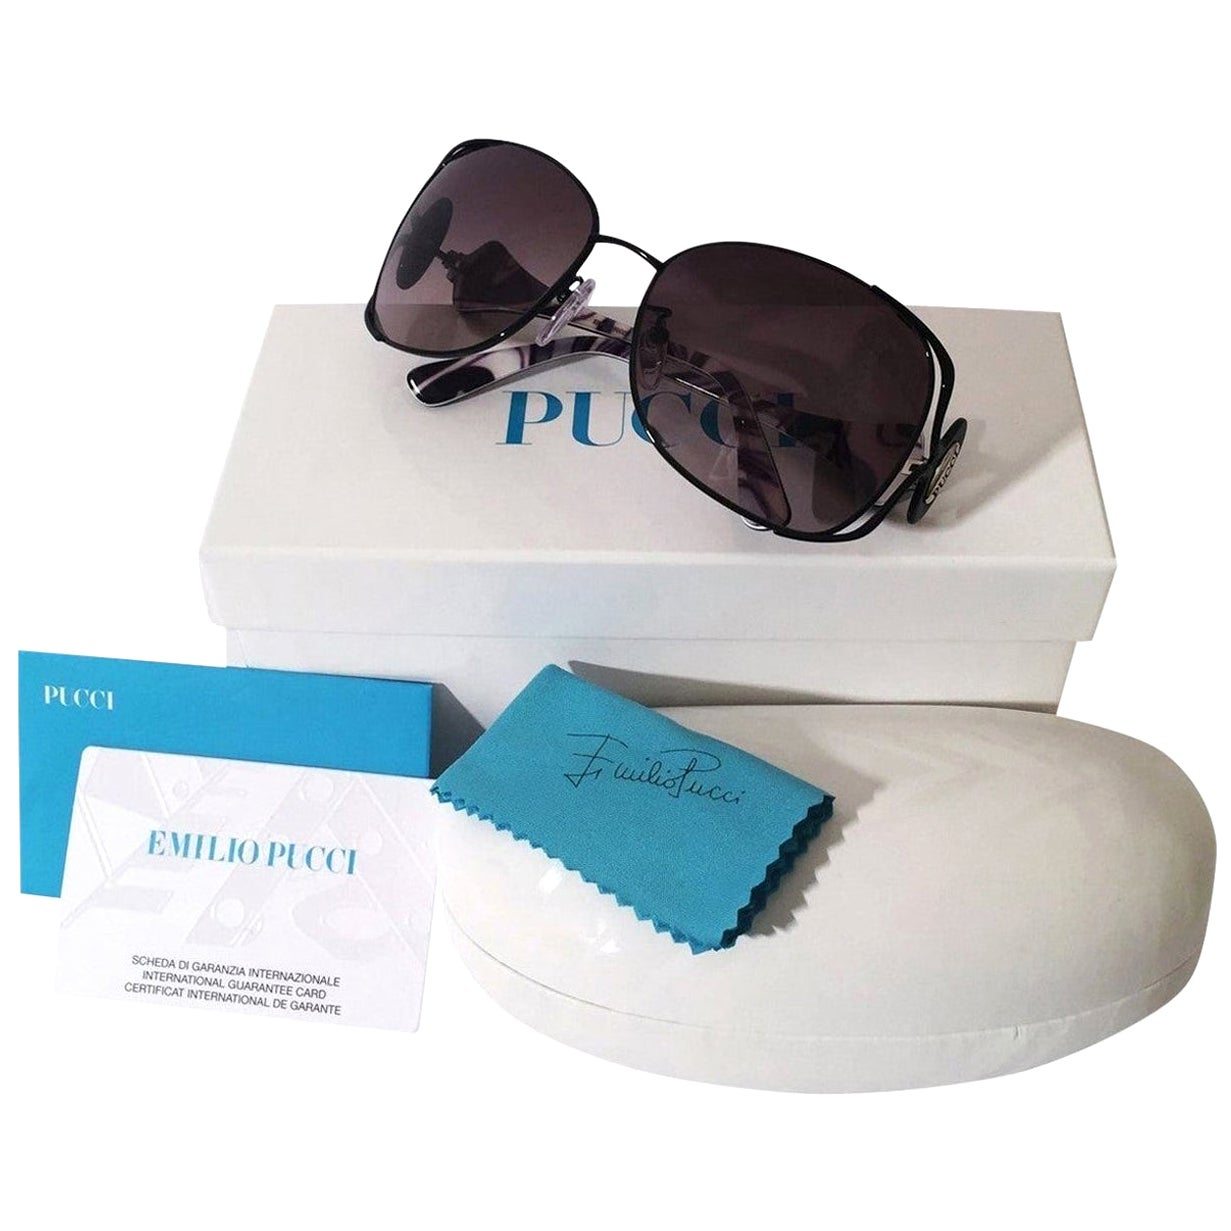 New Emilio Pucci Black Aviator Sunglasses With Case & Box